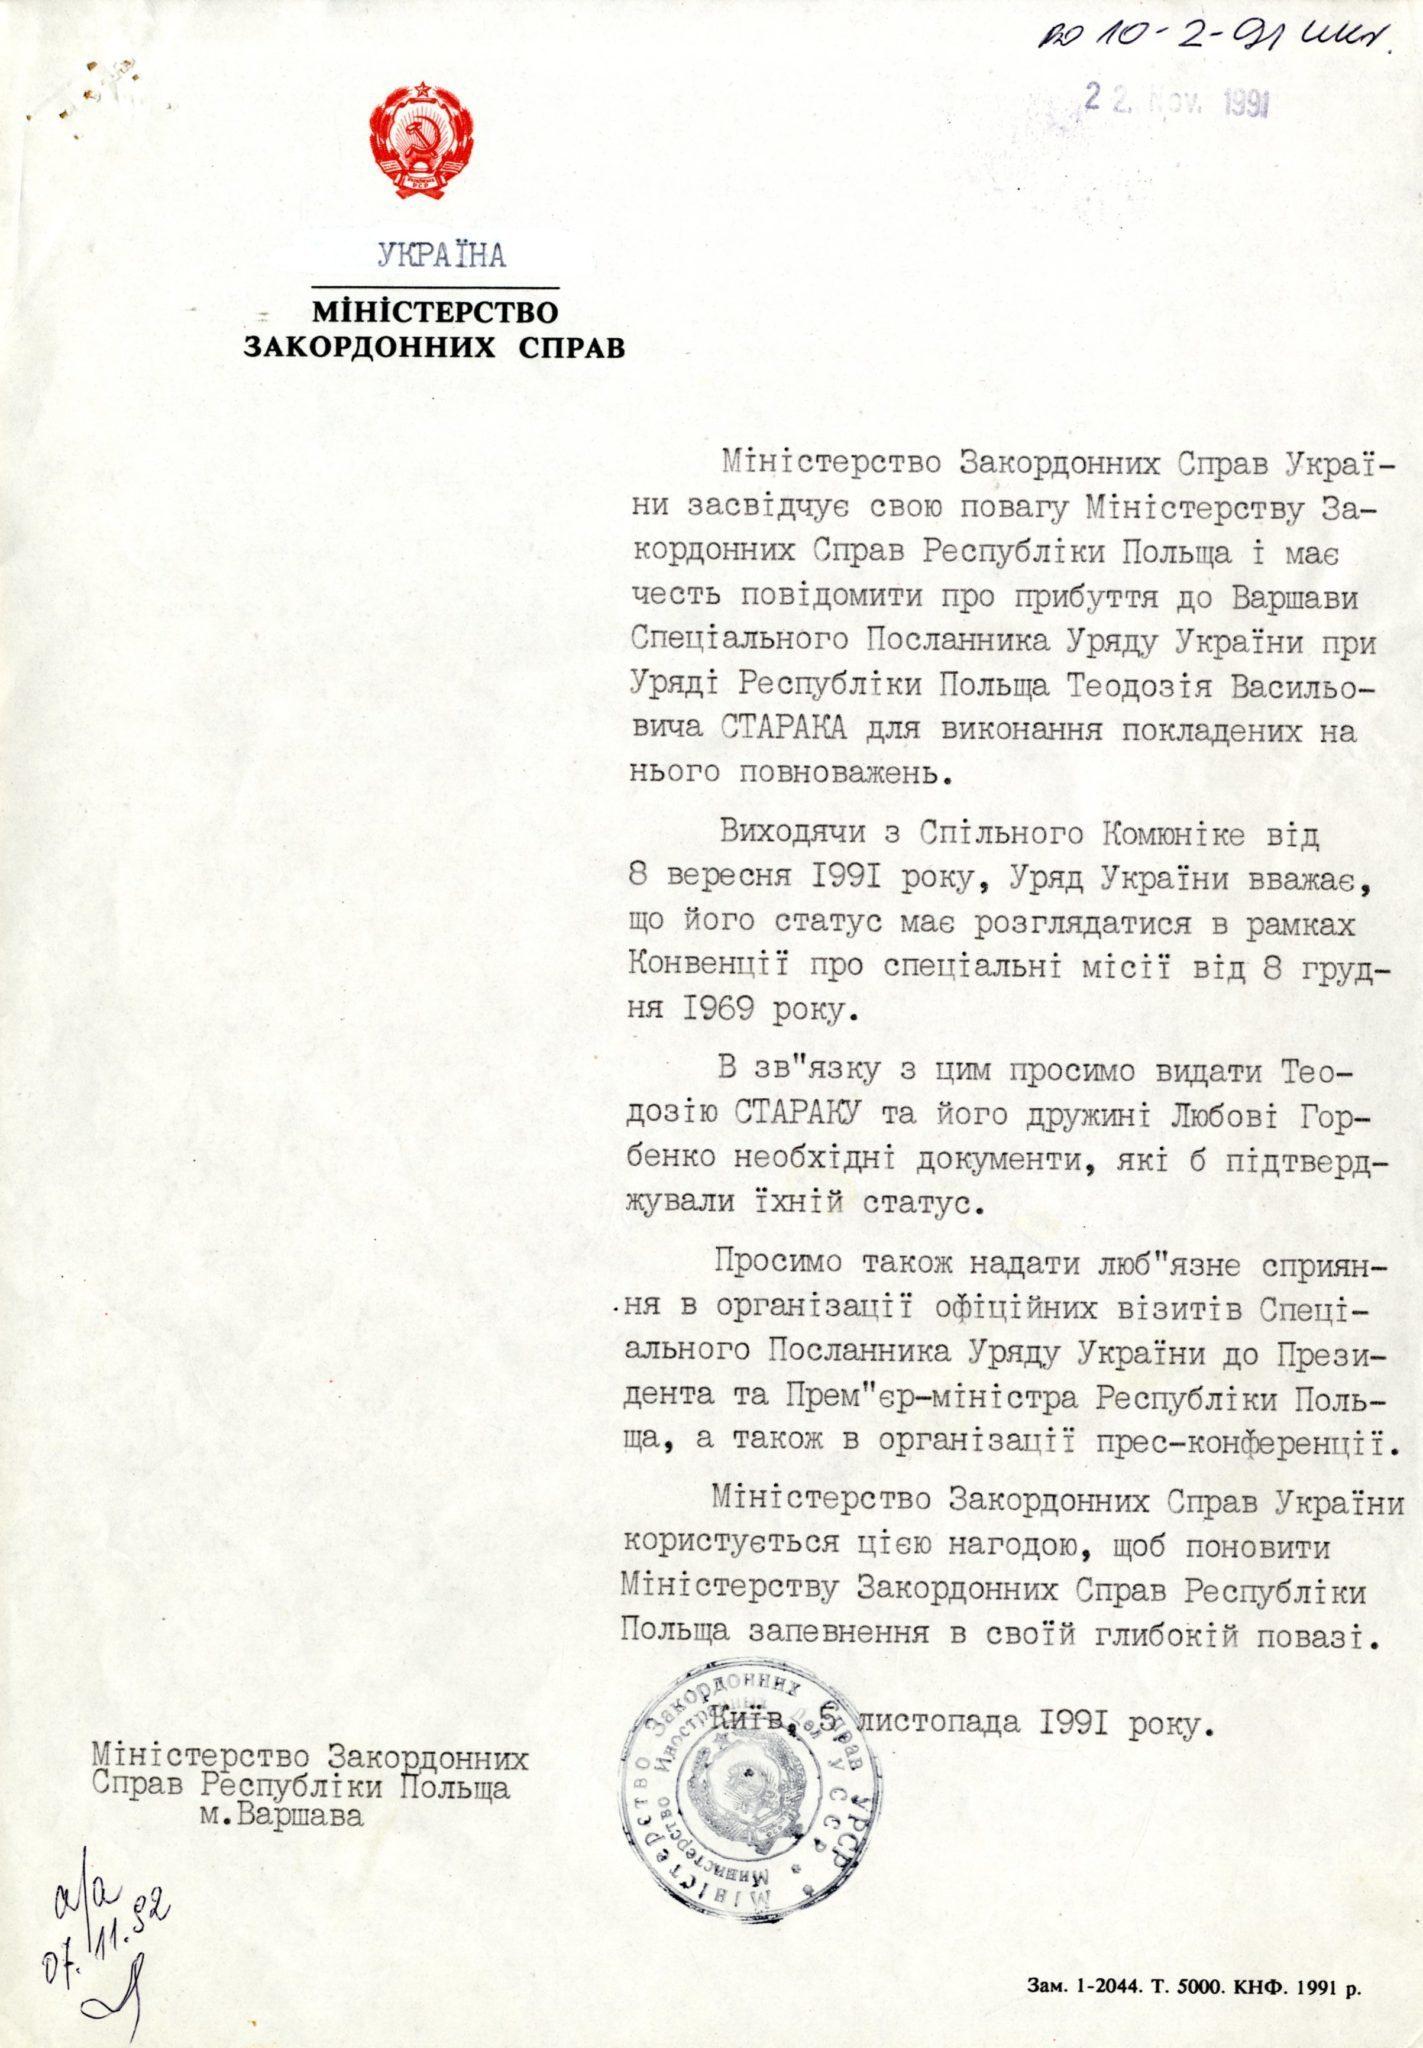 Нота МЗС України з інформацією про прибуття до Варшави Теодозія Старака, 5 листопада 1991